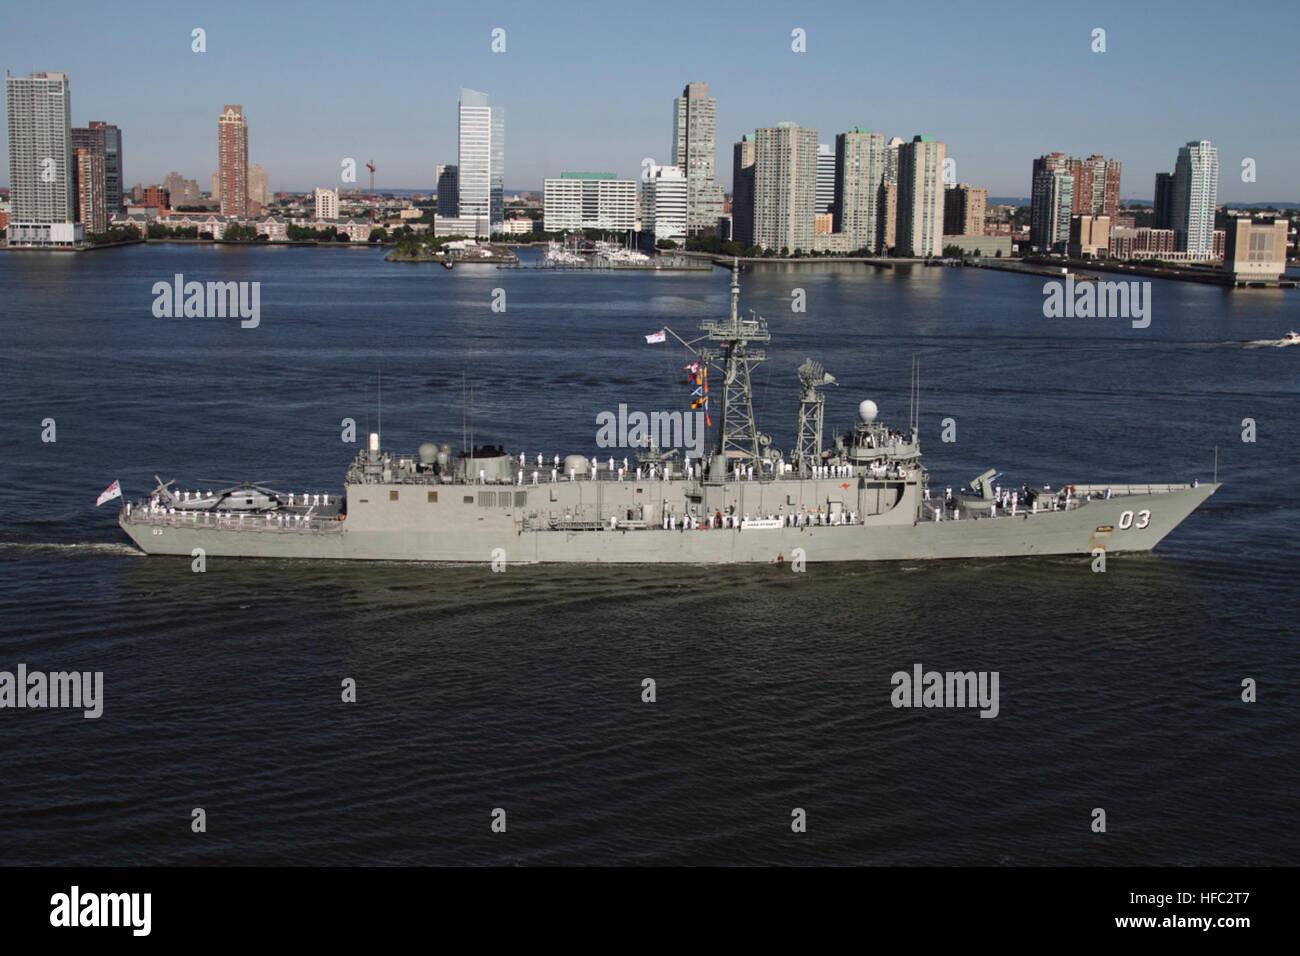 Two Australian Navy warships, HMAS Sydney and HMAS Ballarat arrive in New York harbor, Sunday July 19, 20009 accompanied - Stock Image